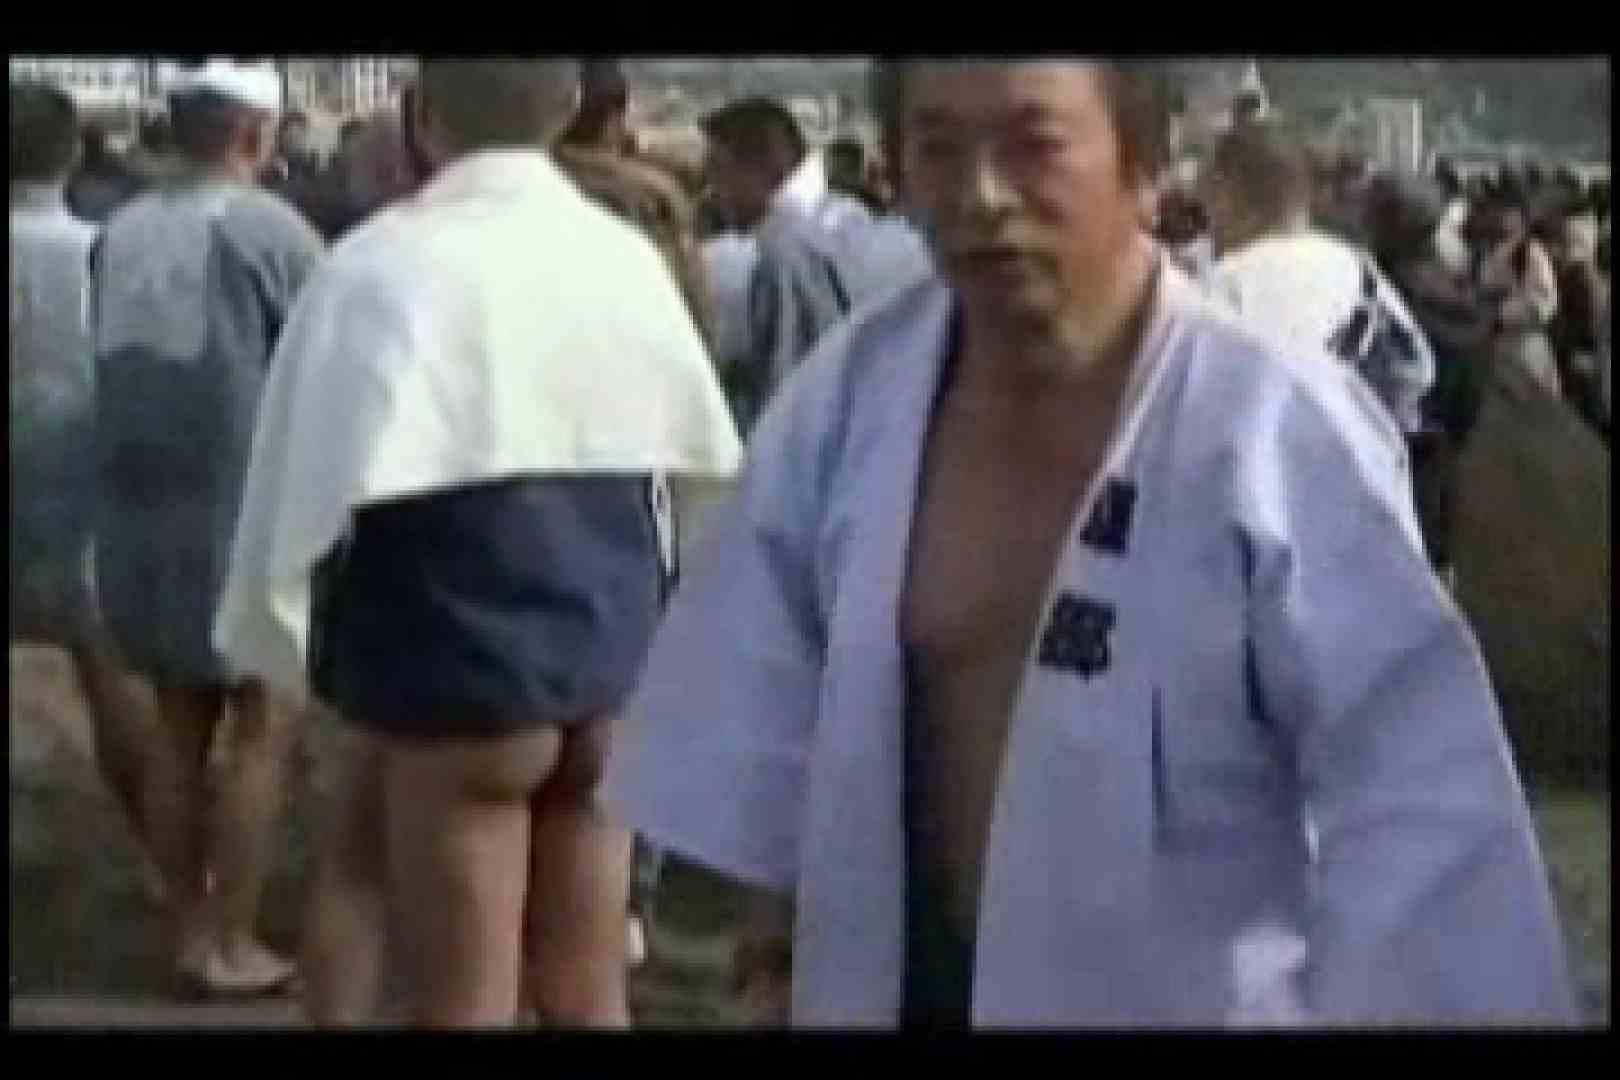 陰間茶屋 男児祭り VOL.1 野外露出セックス ゲイ素人エロ画像 90枚 19